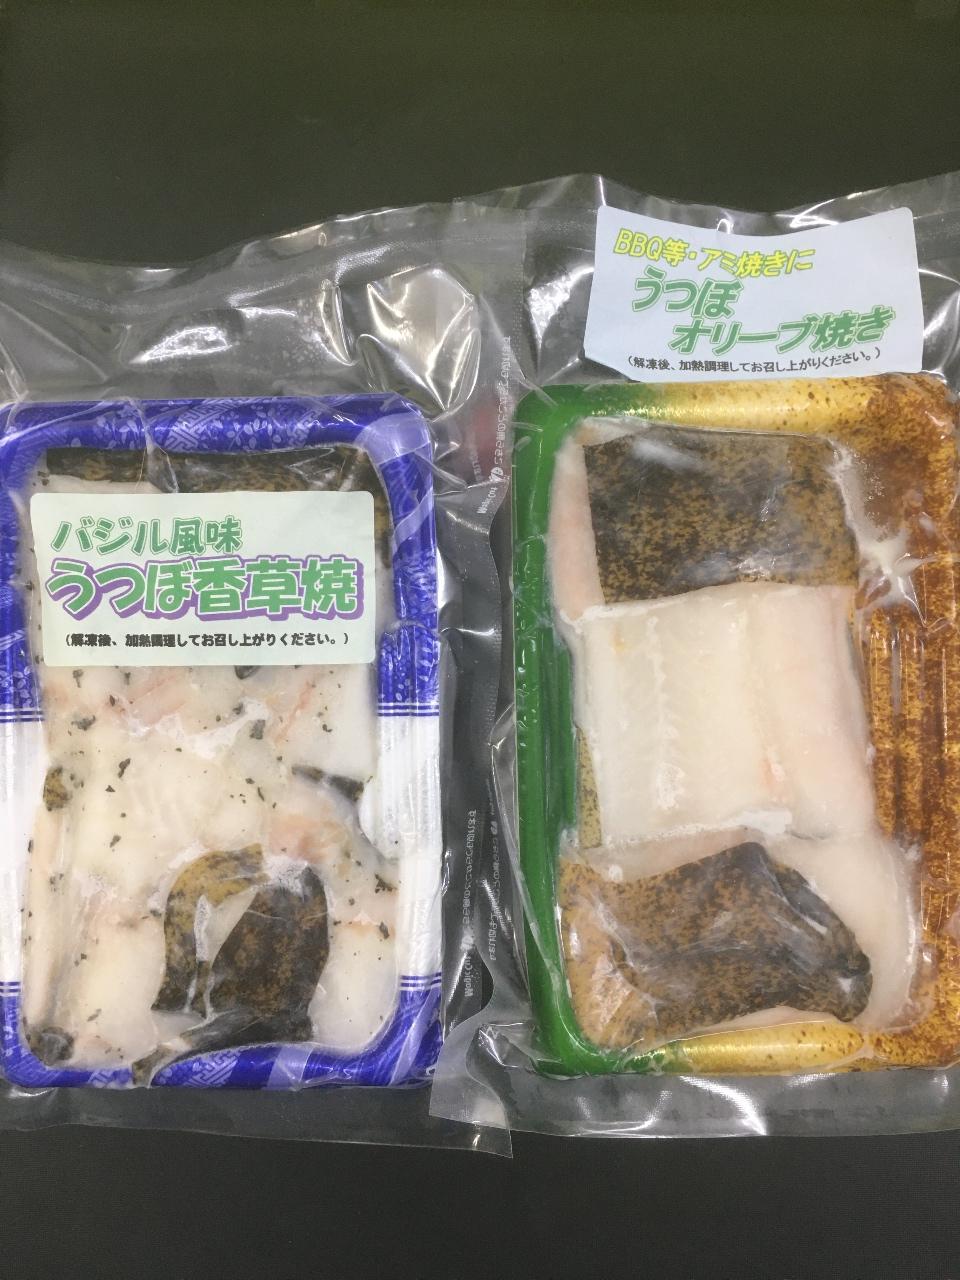 新商品紹介、うつぼ香草焼とオリーブ焼き、和歌山釣太郎キッチン